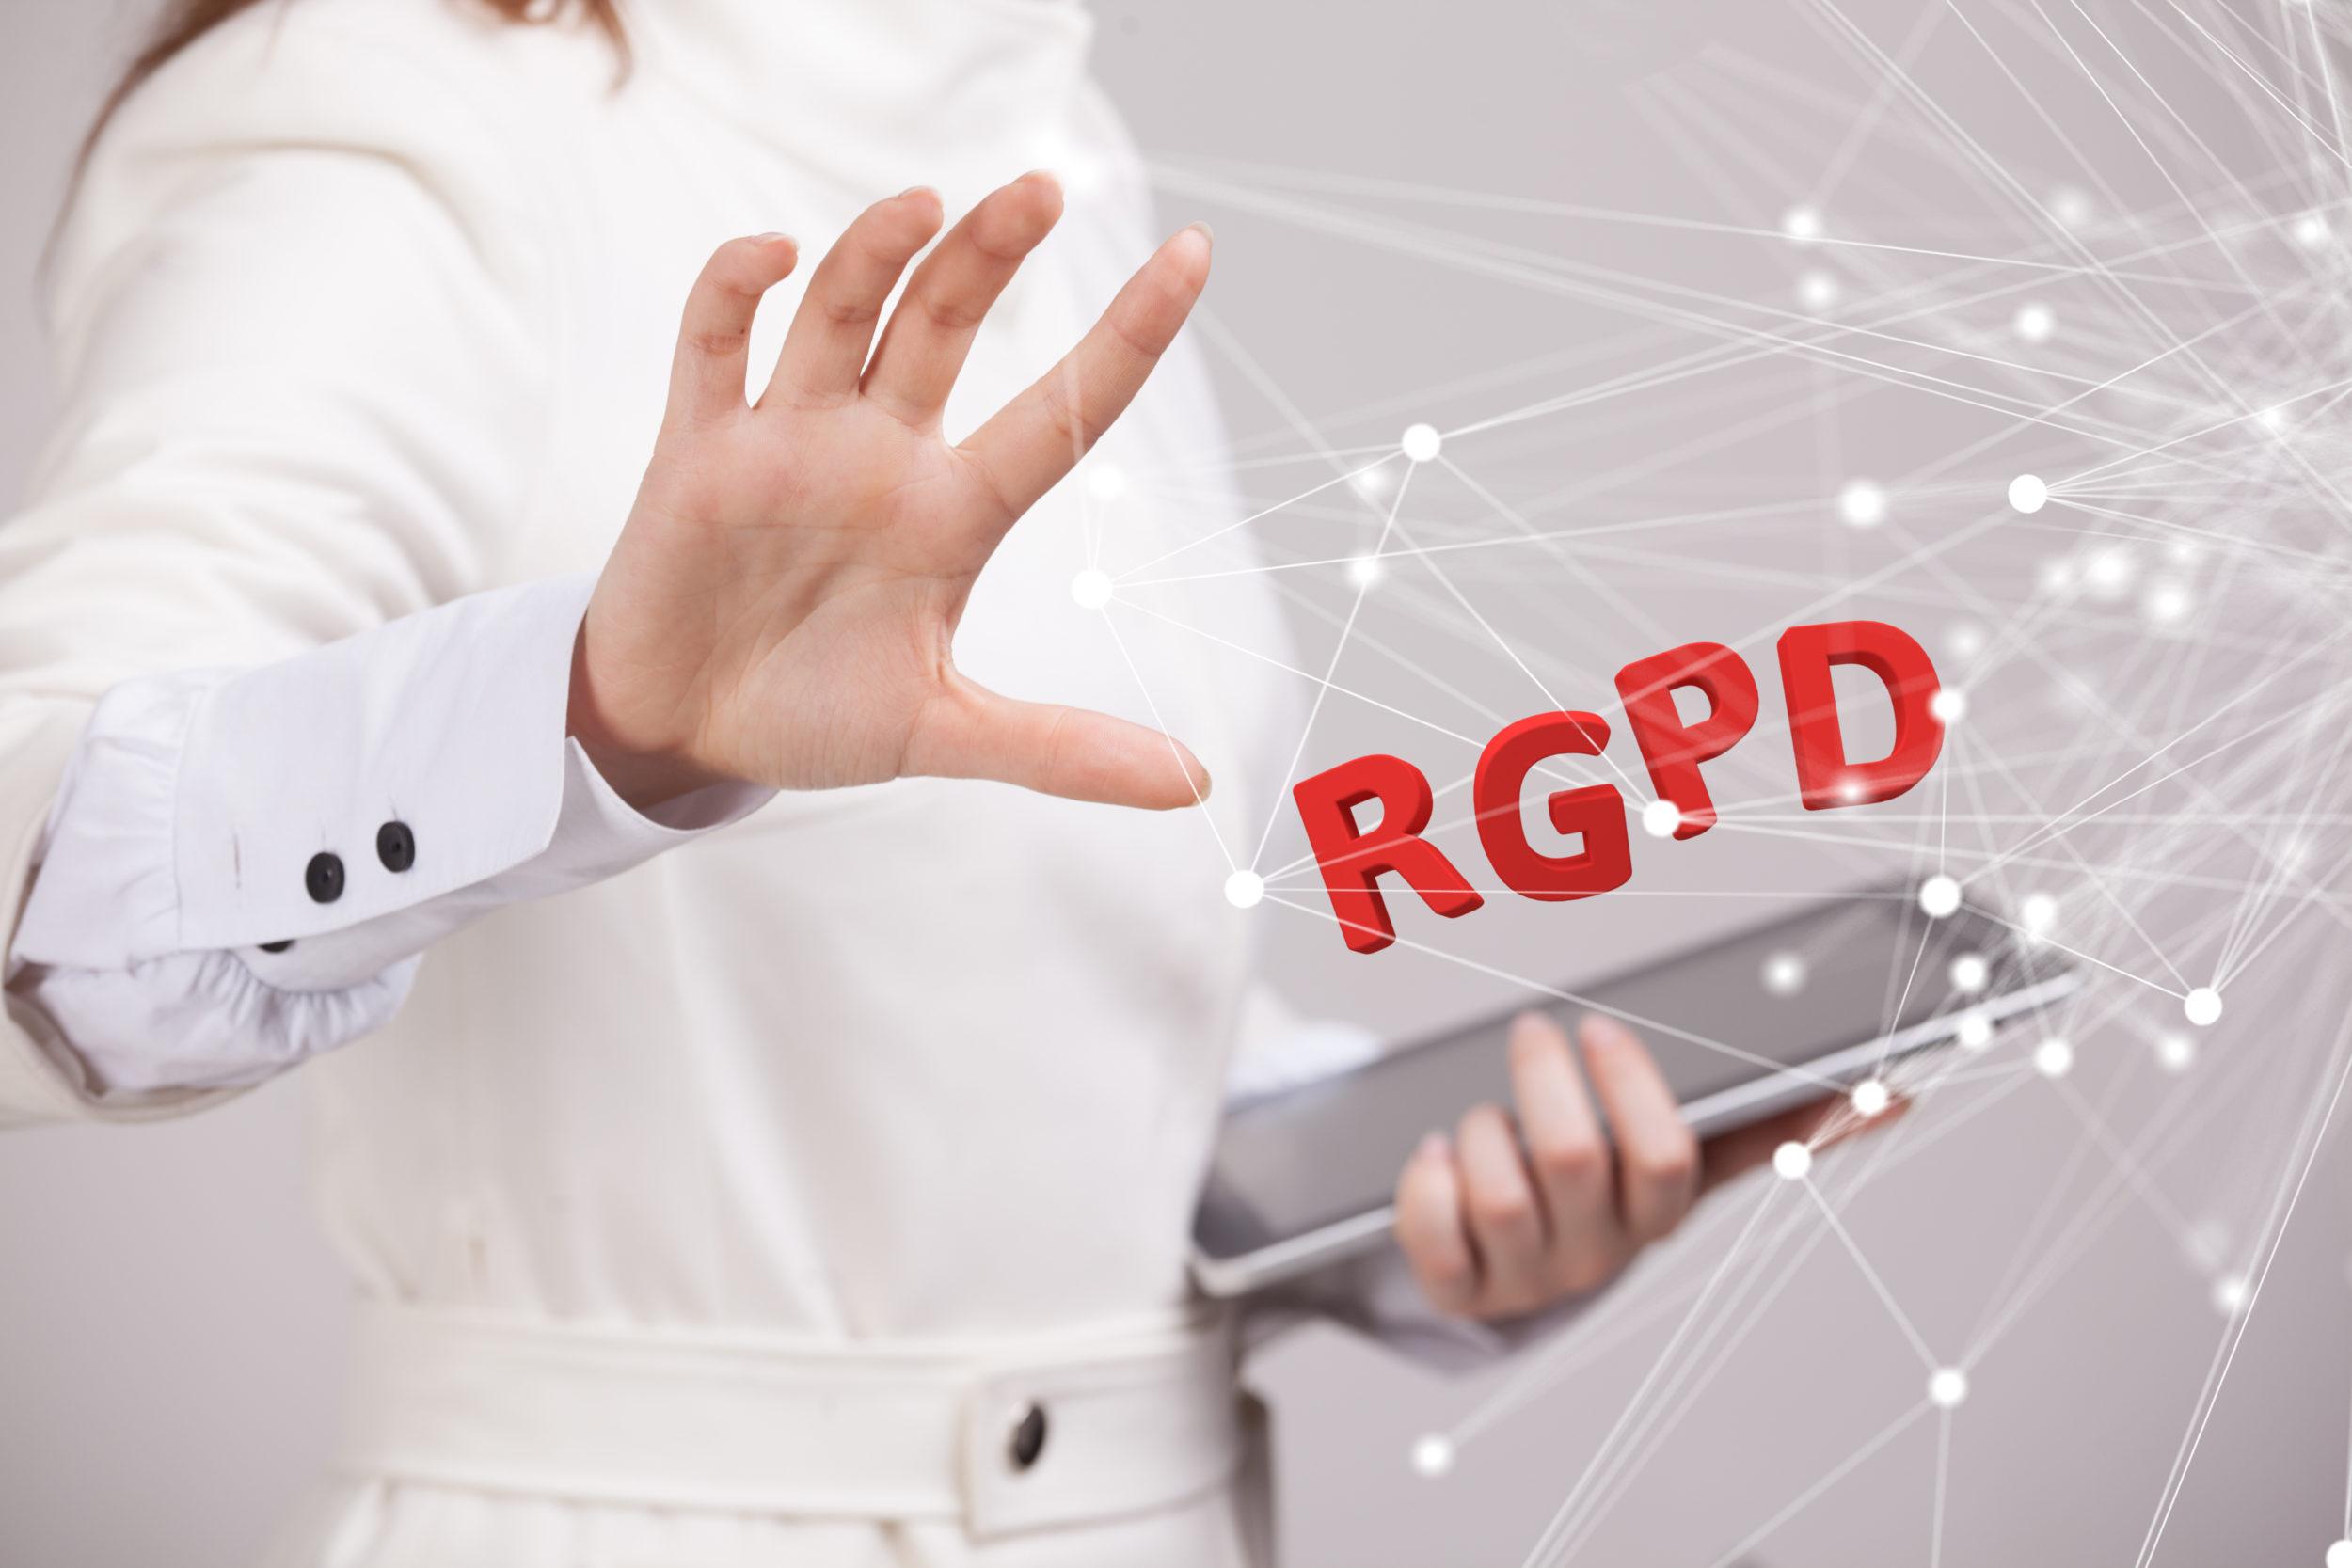 Avocat RGPD GDPR Programme Outils Protection Données Personnelles